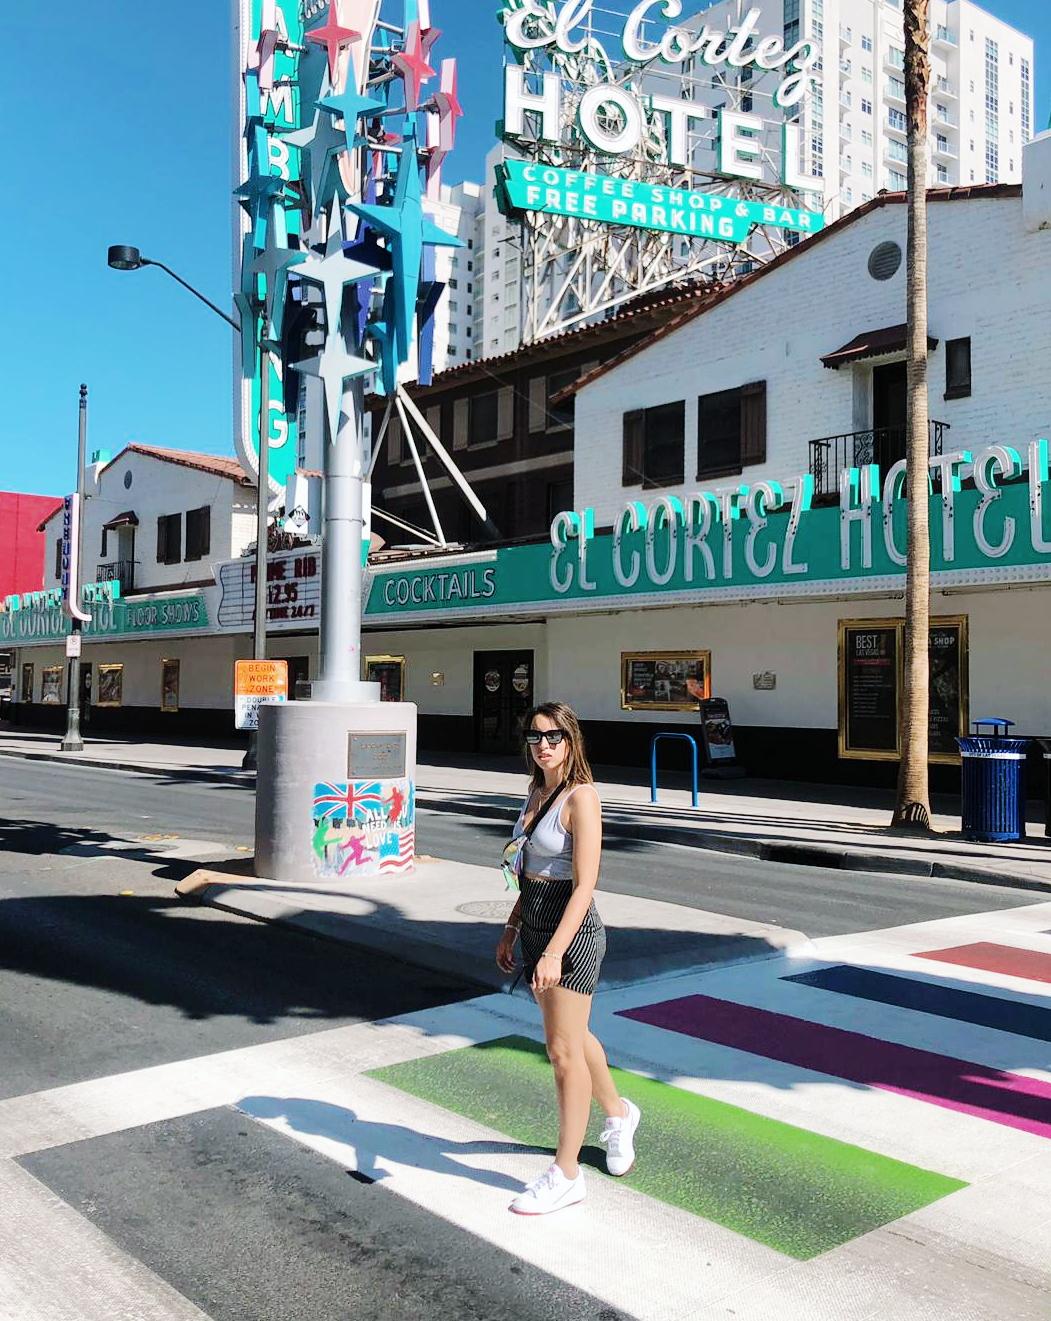 לאס וגאס מה לראות מה לעשות לאן ללכת איפה הכי שווה להיות